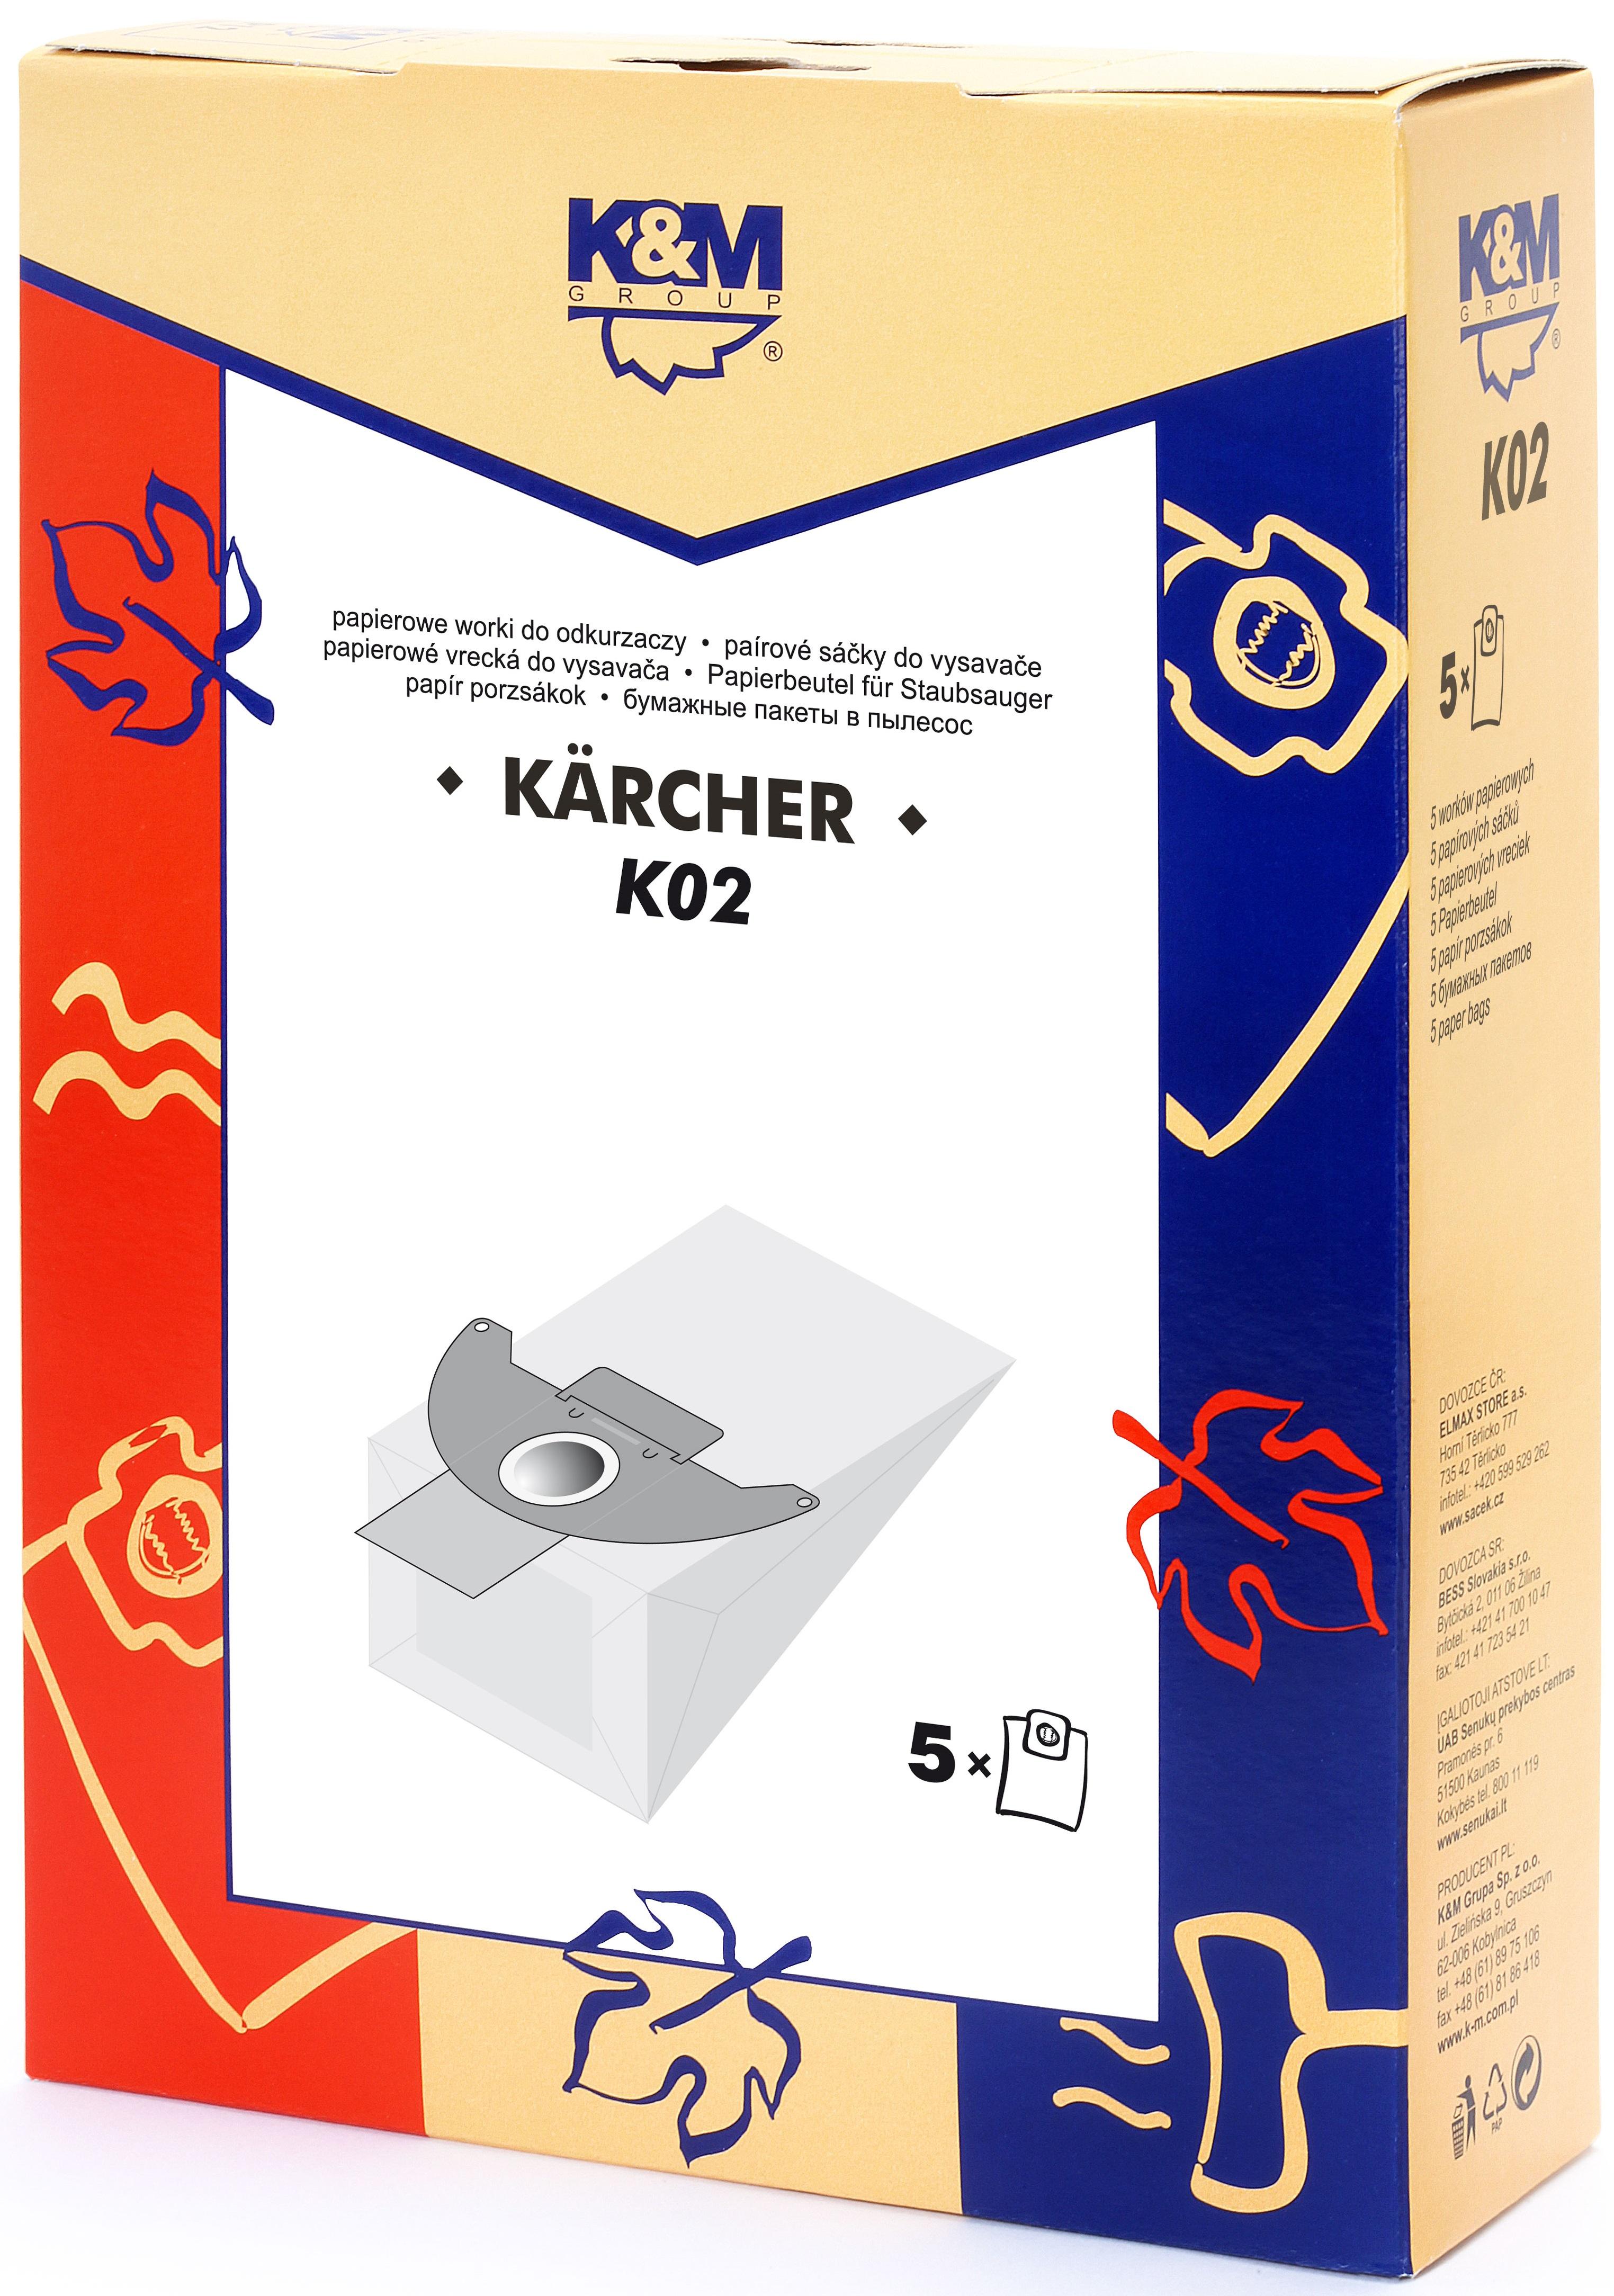 Sac aspirator KARCHER 2501, hartie, 5X saci, K&M 0